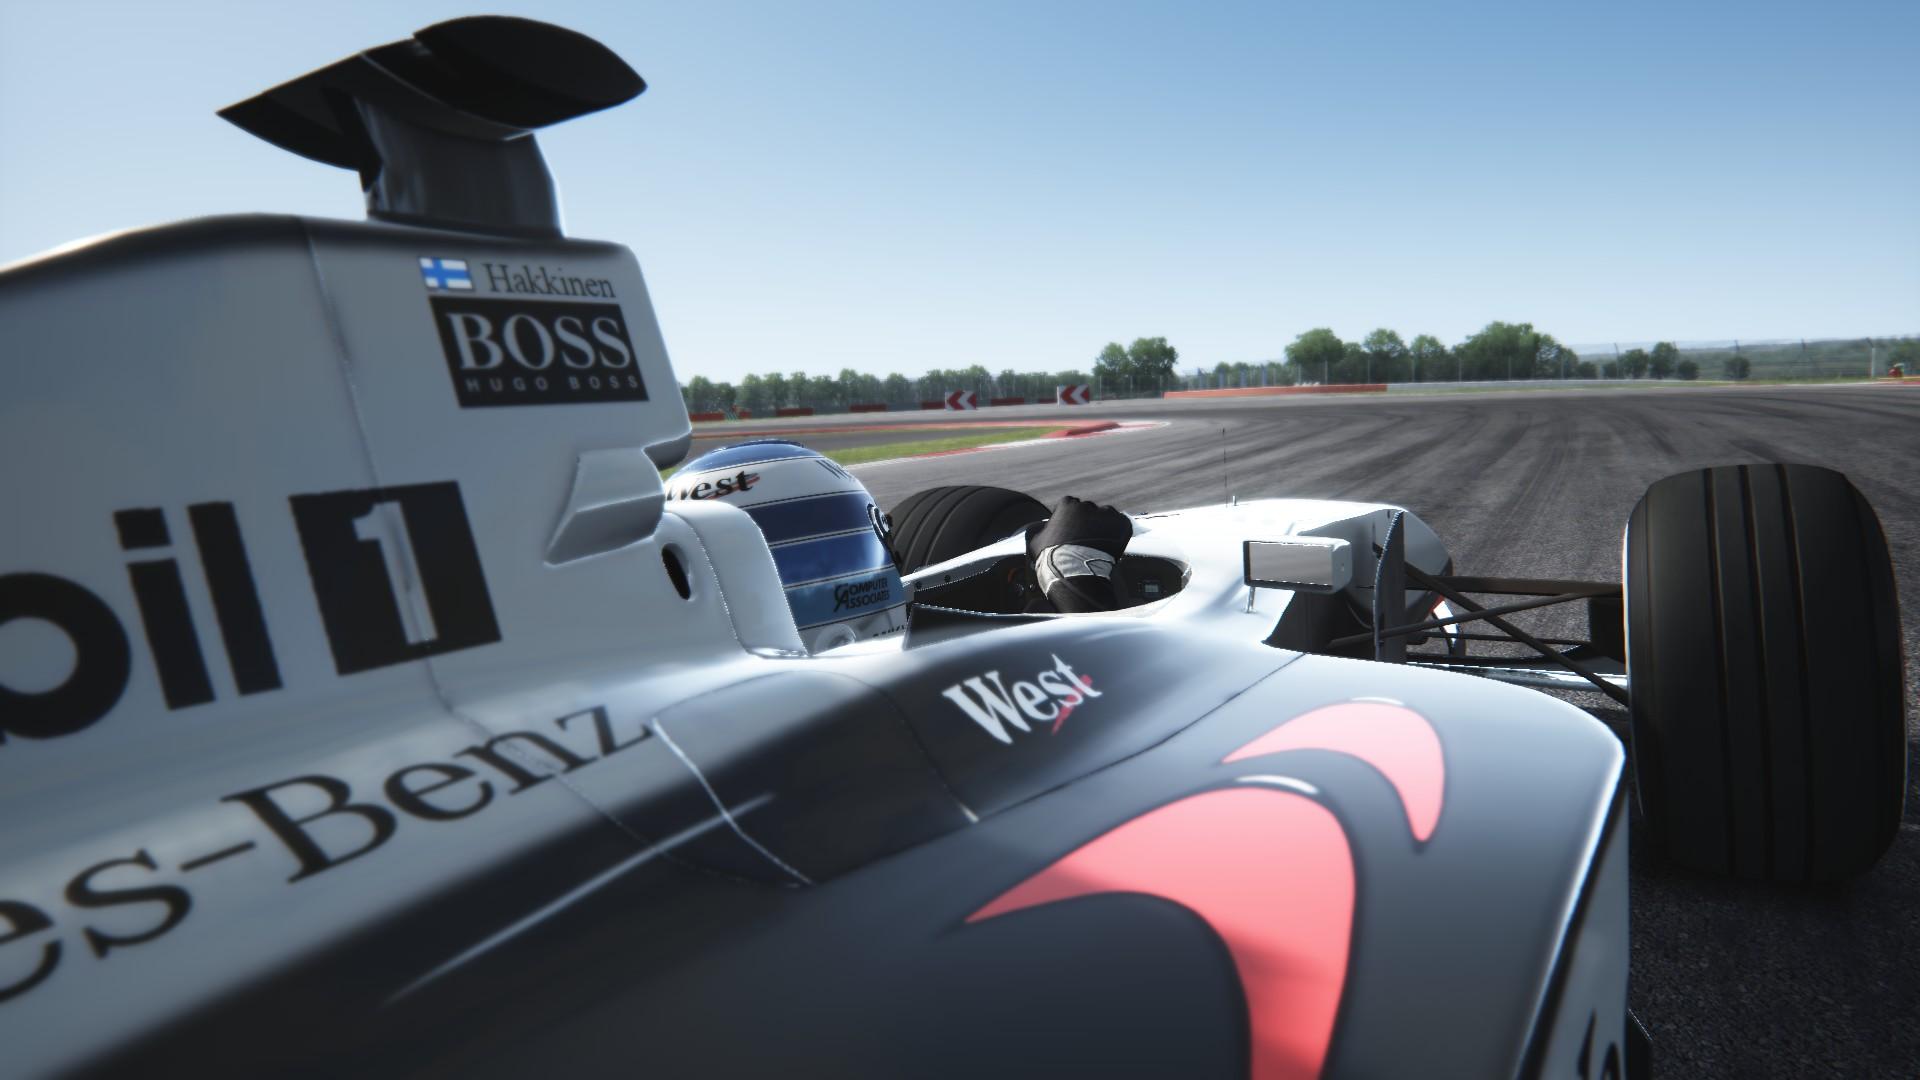 Assetto Corsa -  Mclaren mp4-13 by Virtua simulazioni Silverstone 10